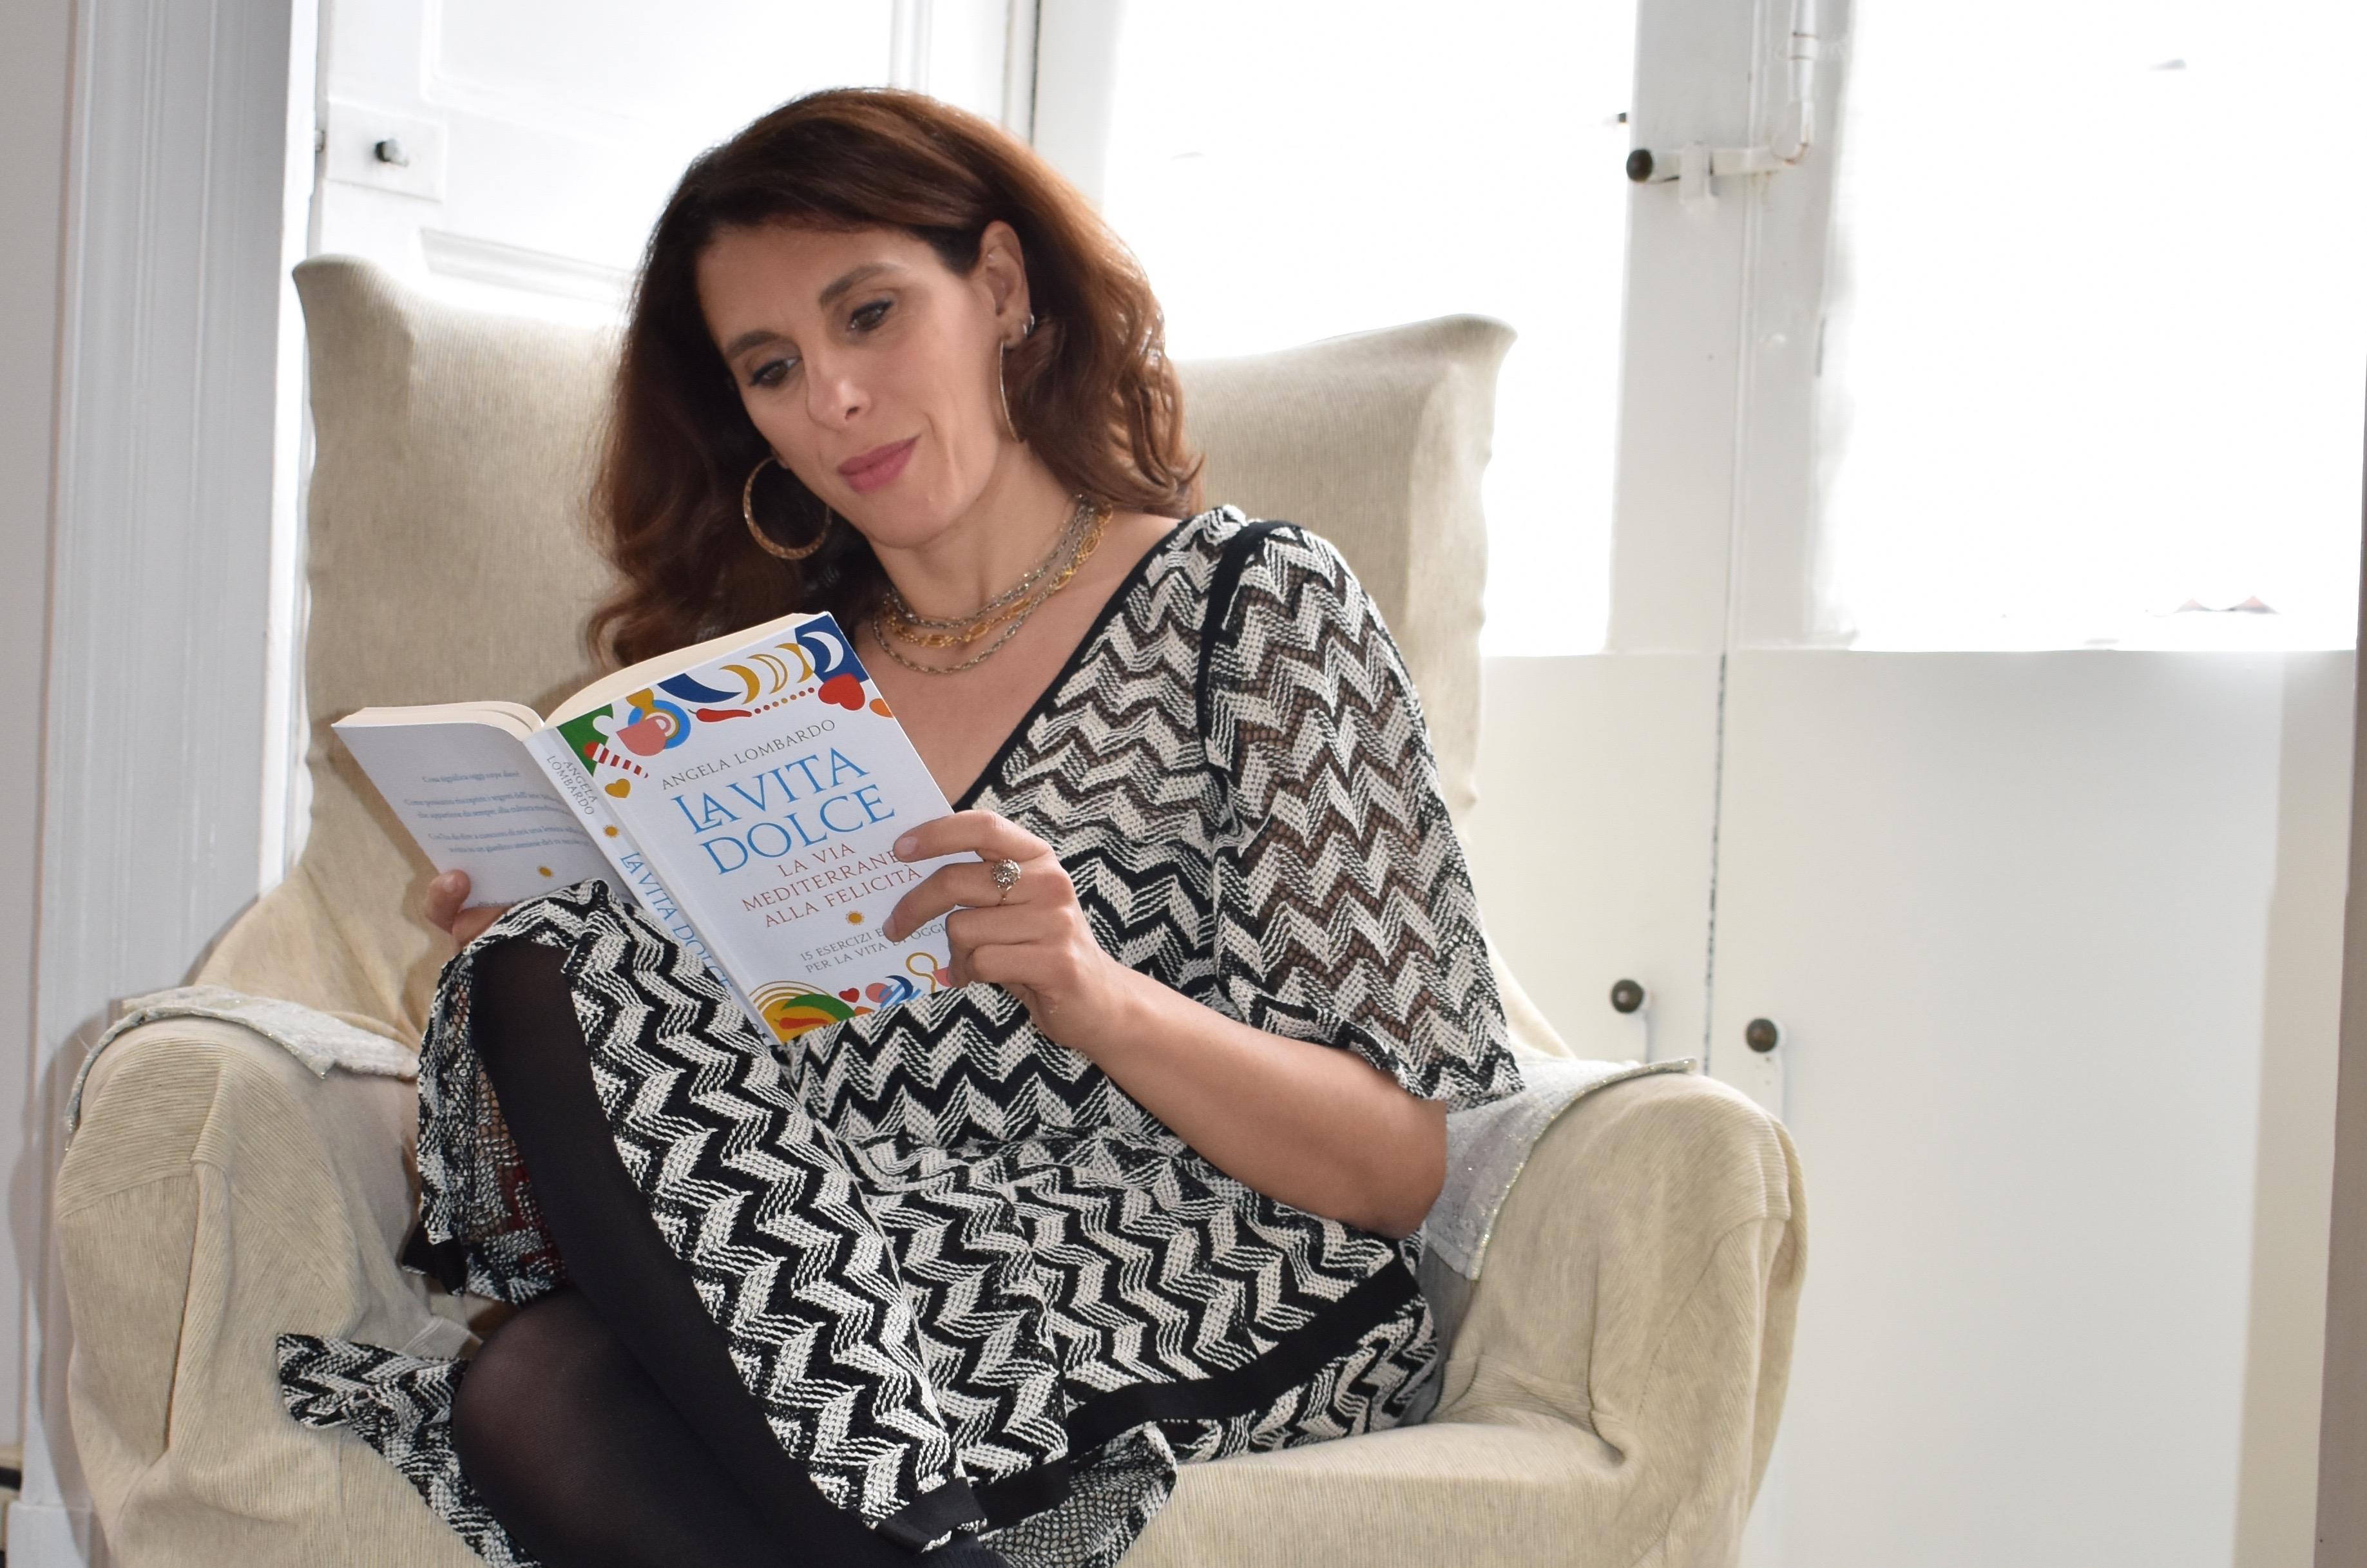 Ecco i 15 esercizi per riscoprire la gioia di vivereLa ricetta della scrittrice siciliana Angela Lombardo